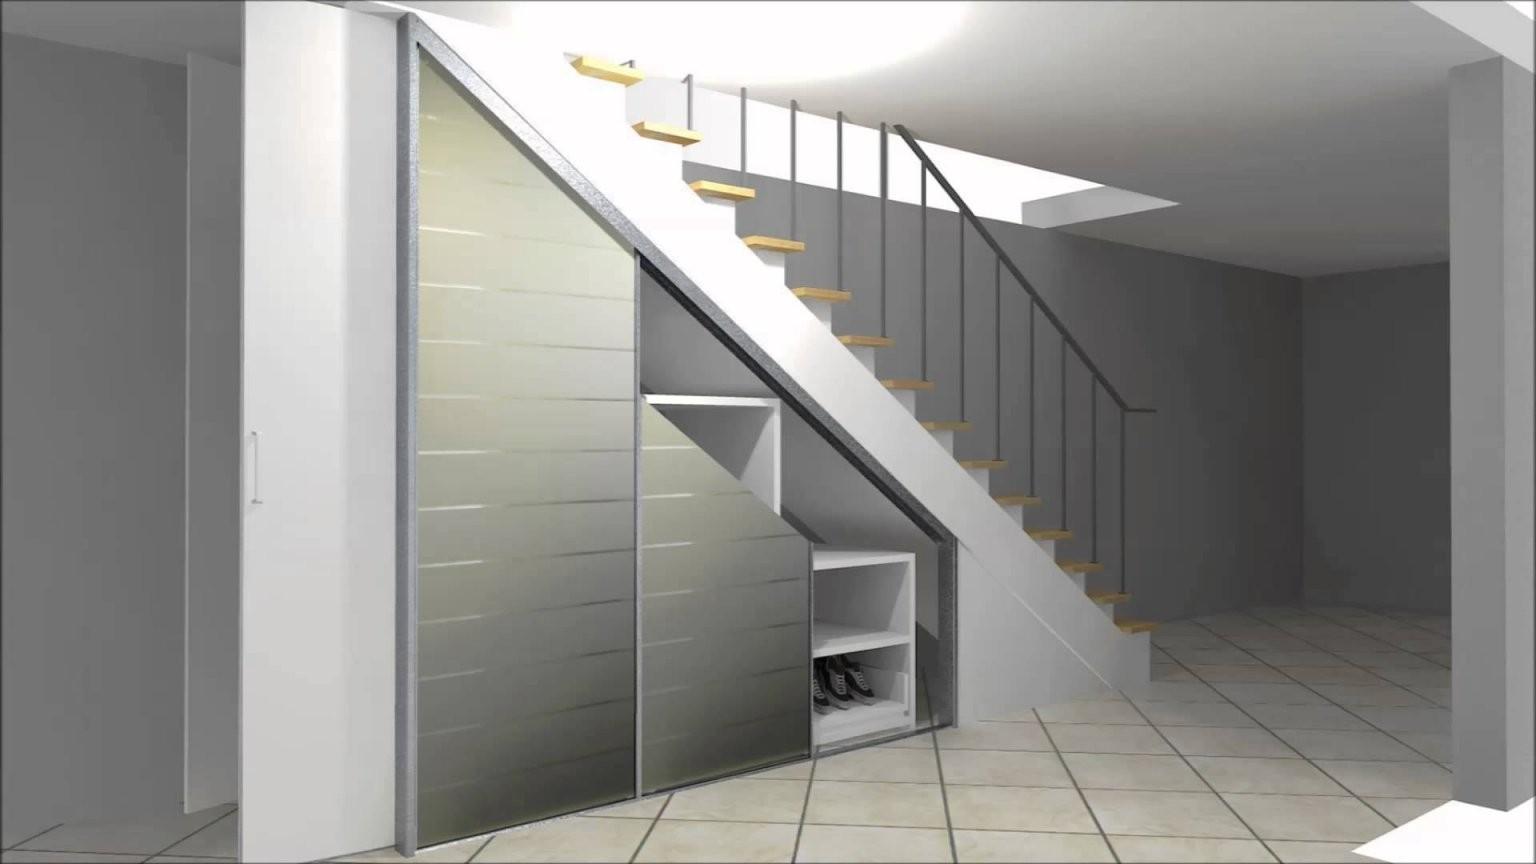 Schrank Unter Treppe Einbauschrank Unter Treppe Selber Bauen von Schrank Unter Der Treppe Bild